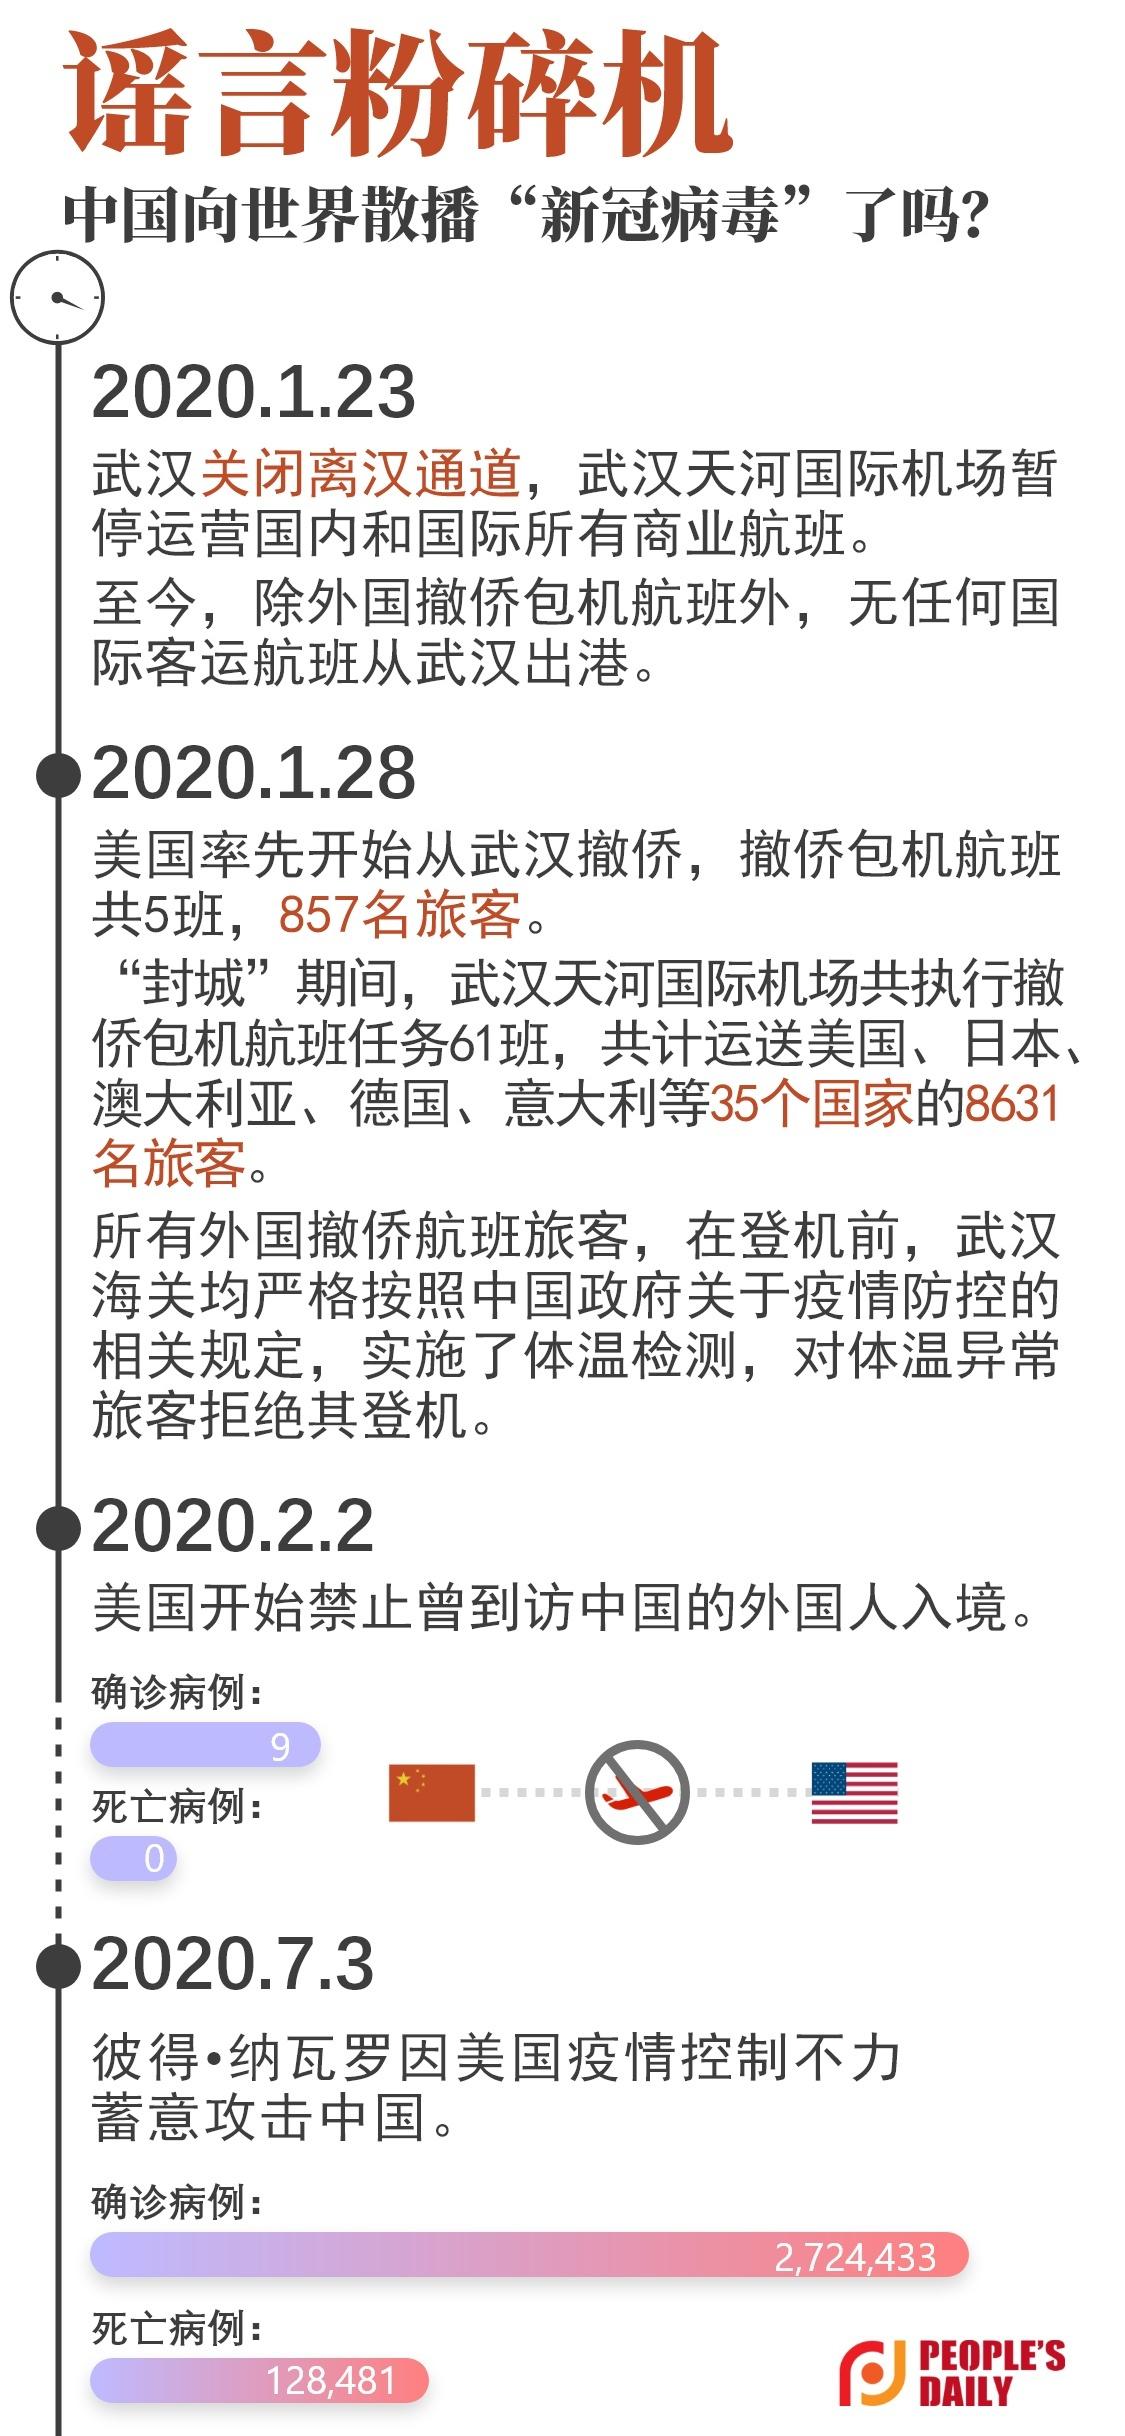 美官员指责武汉故意向国外输出病毒 事实却打脸了图片